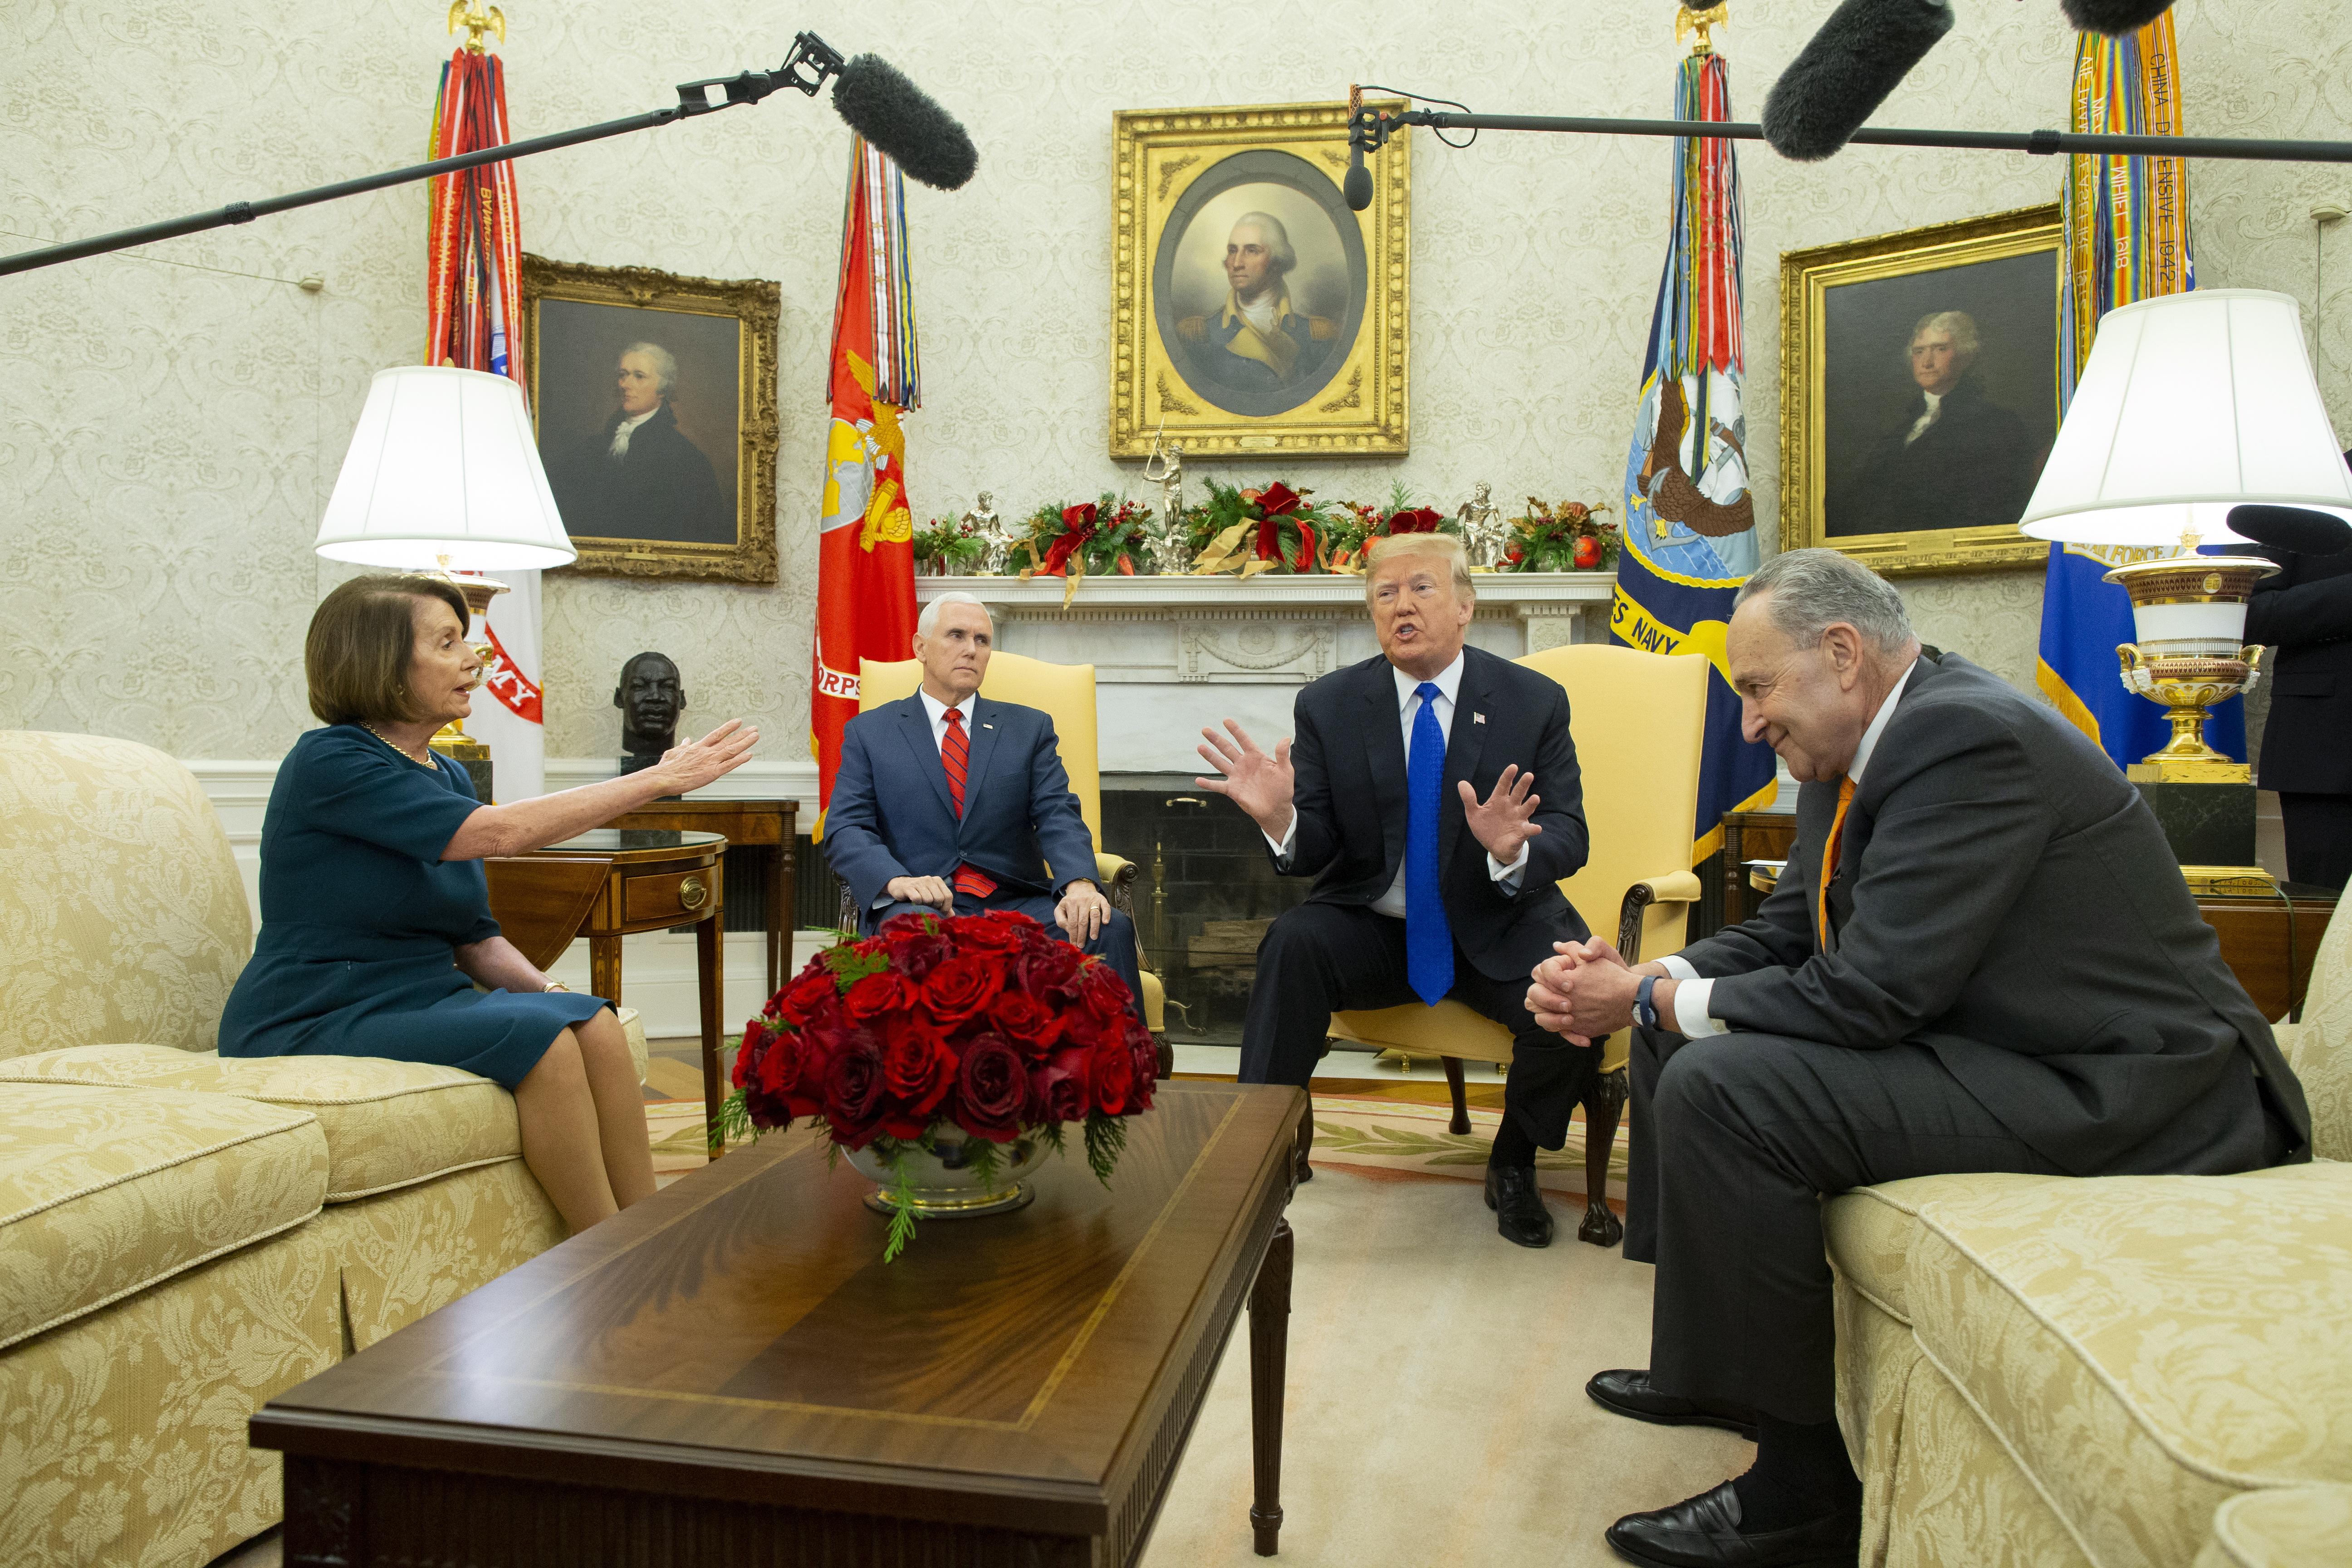 Trump i vodeći demokrati javno se svađali oko zida na granici